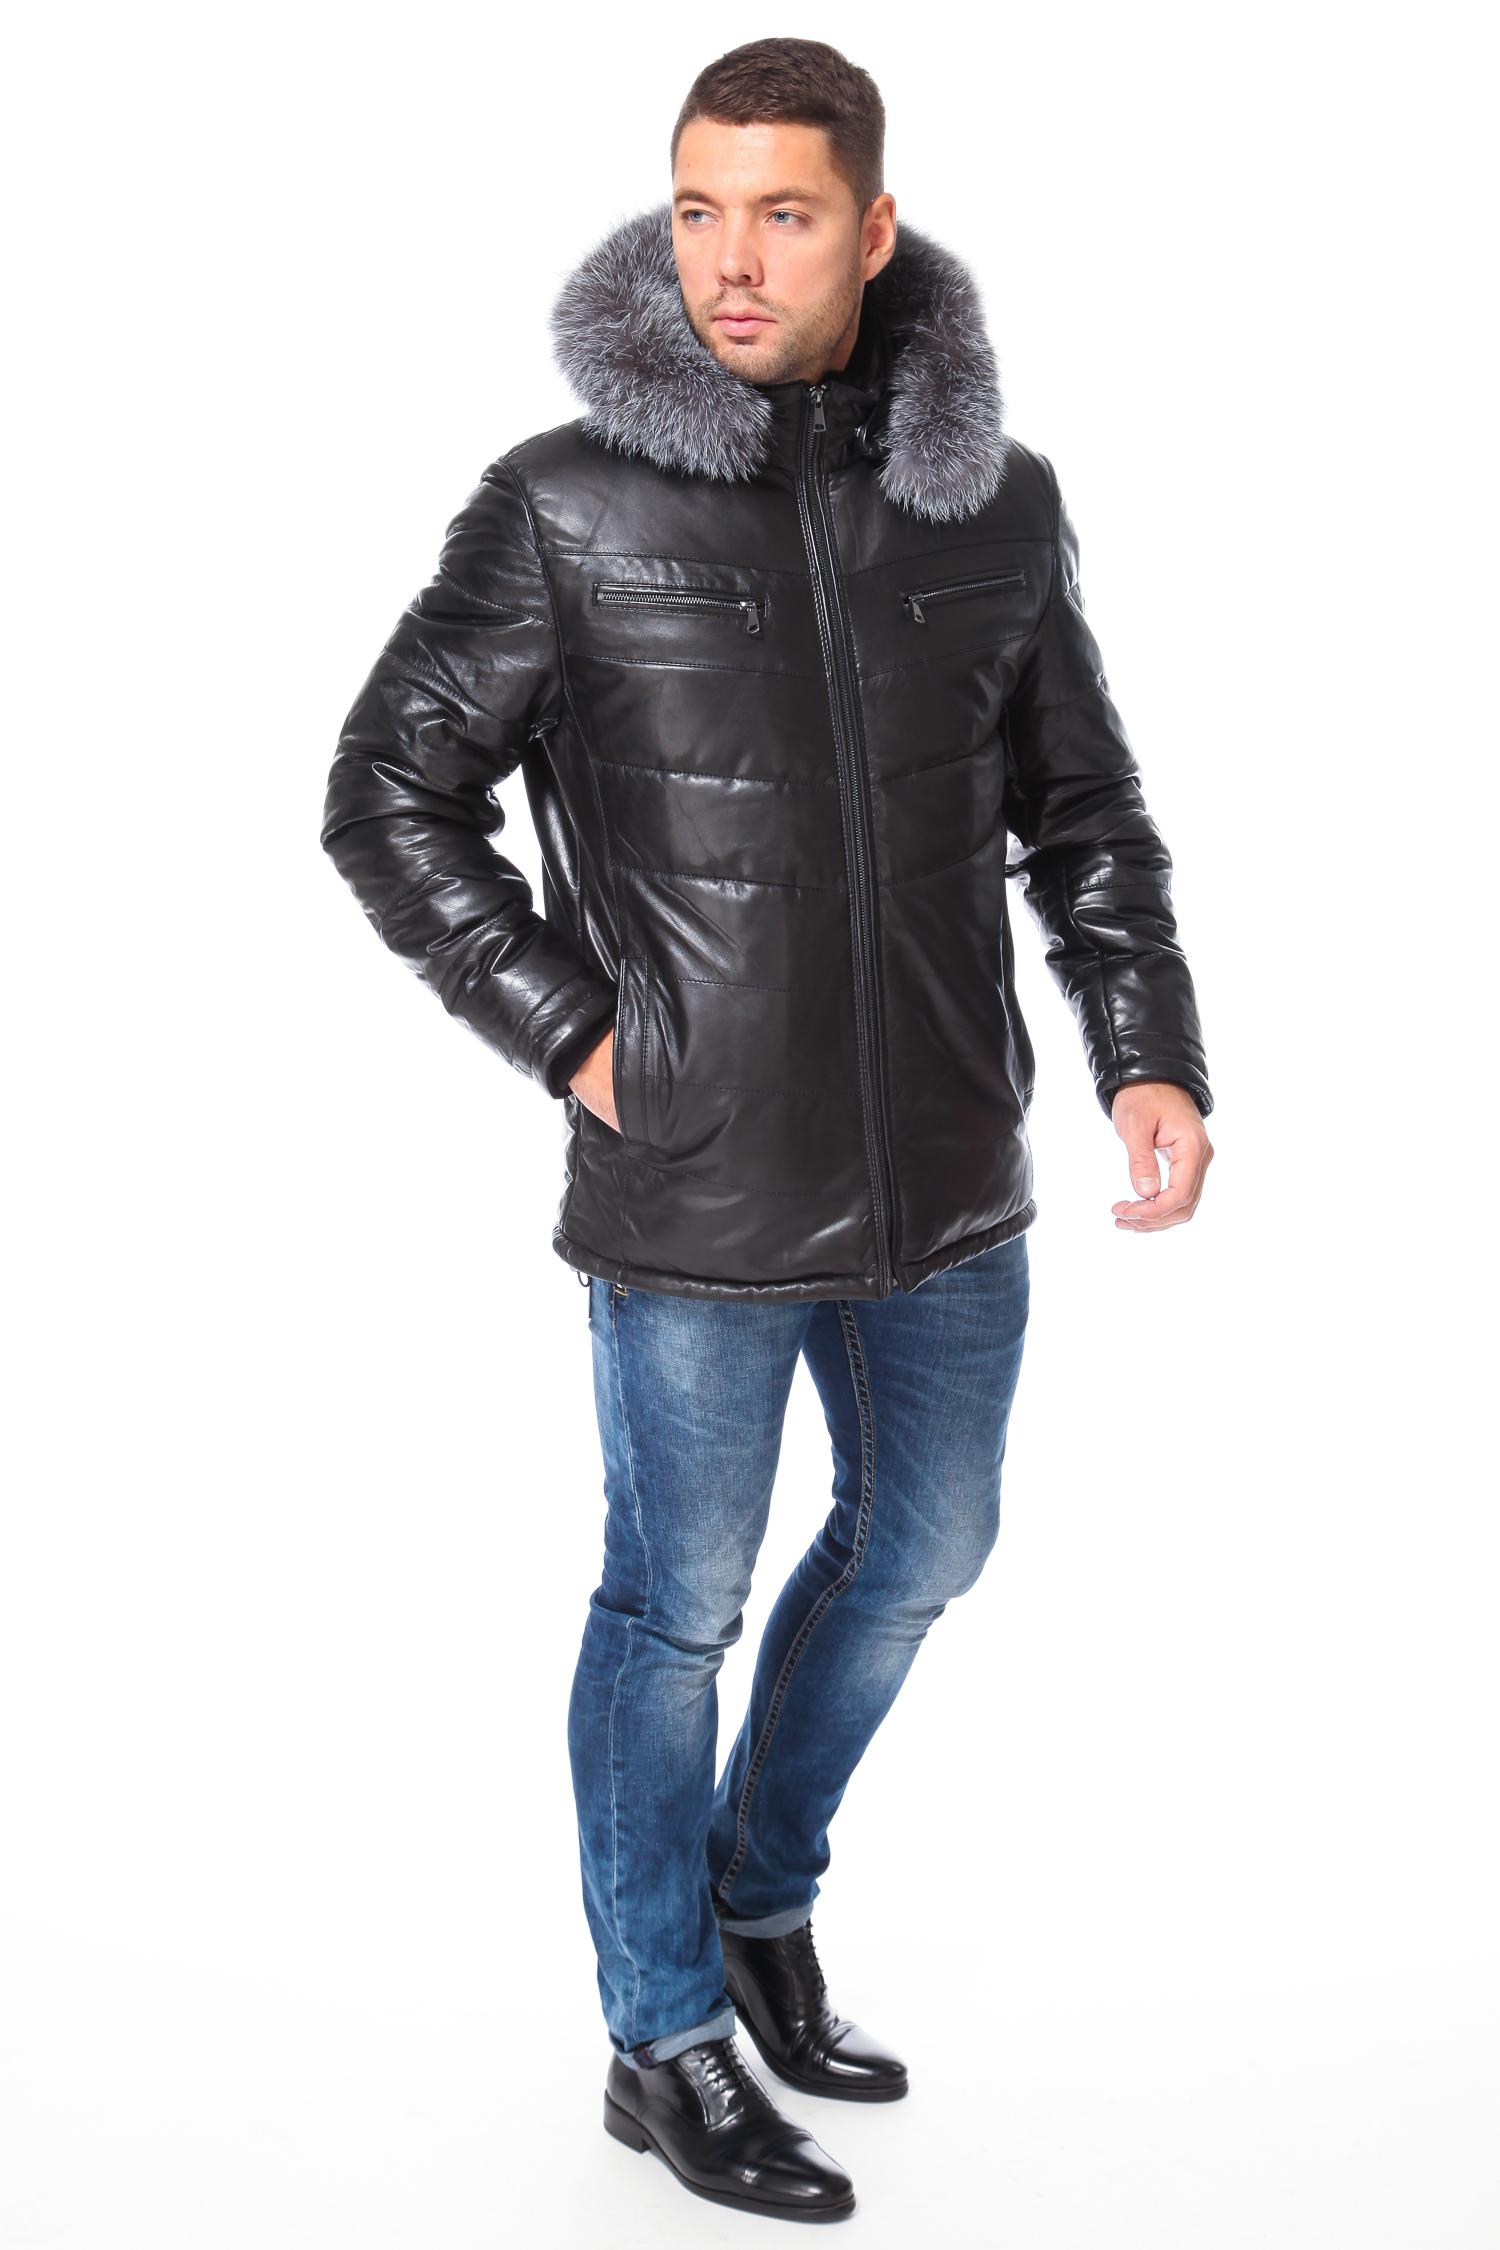 Пуховик мужской из натуральной кожи с капюшоном, отделка чернобурка от Московская Меховая Компания